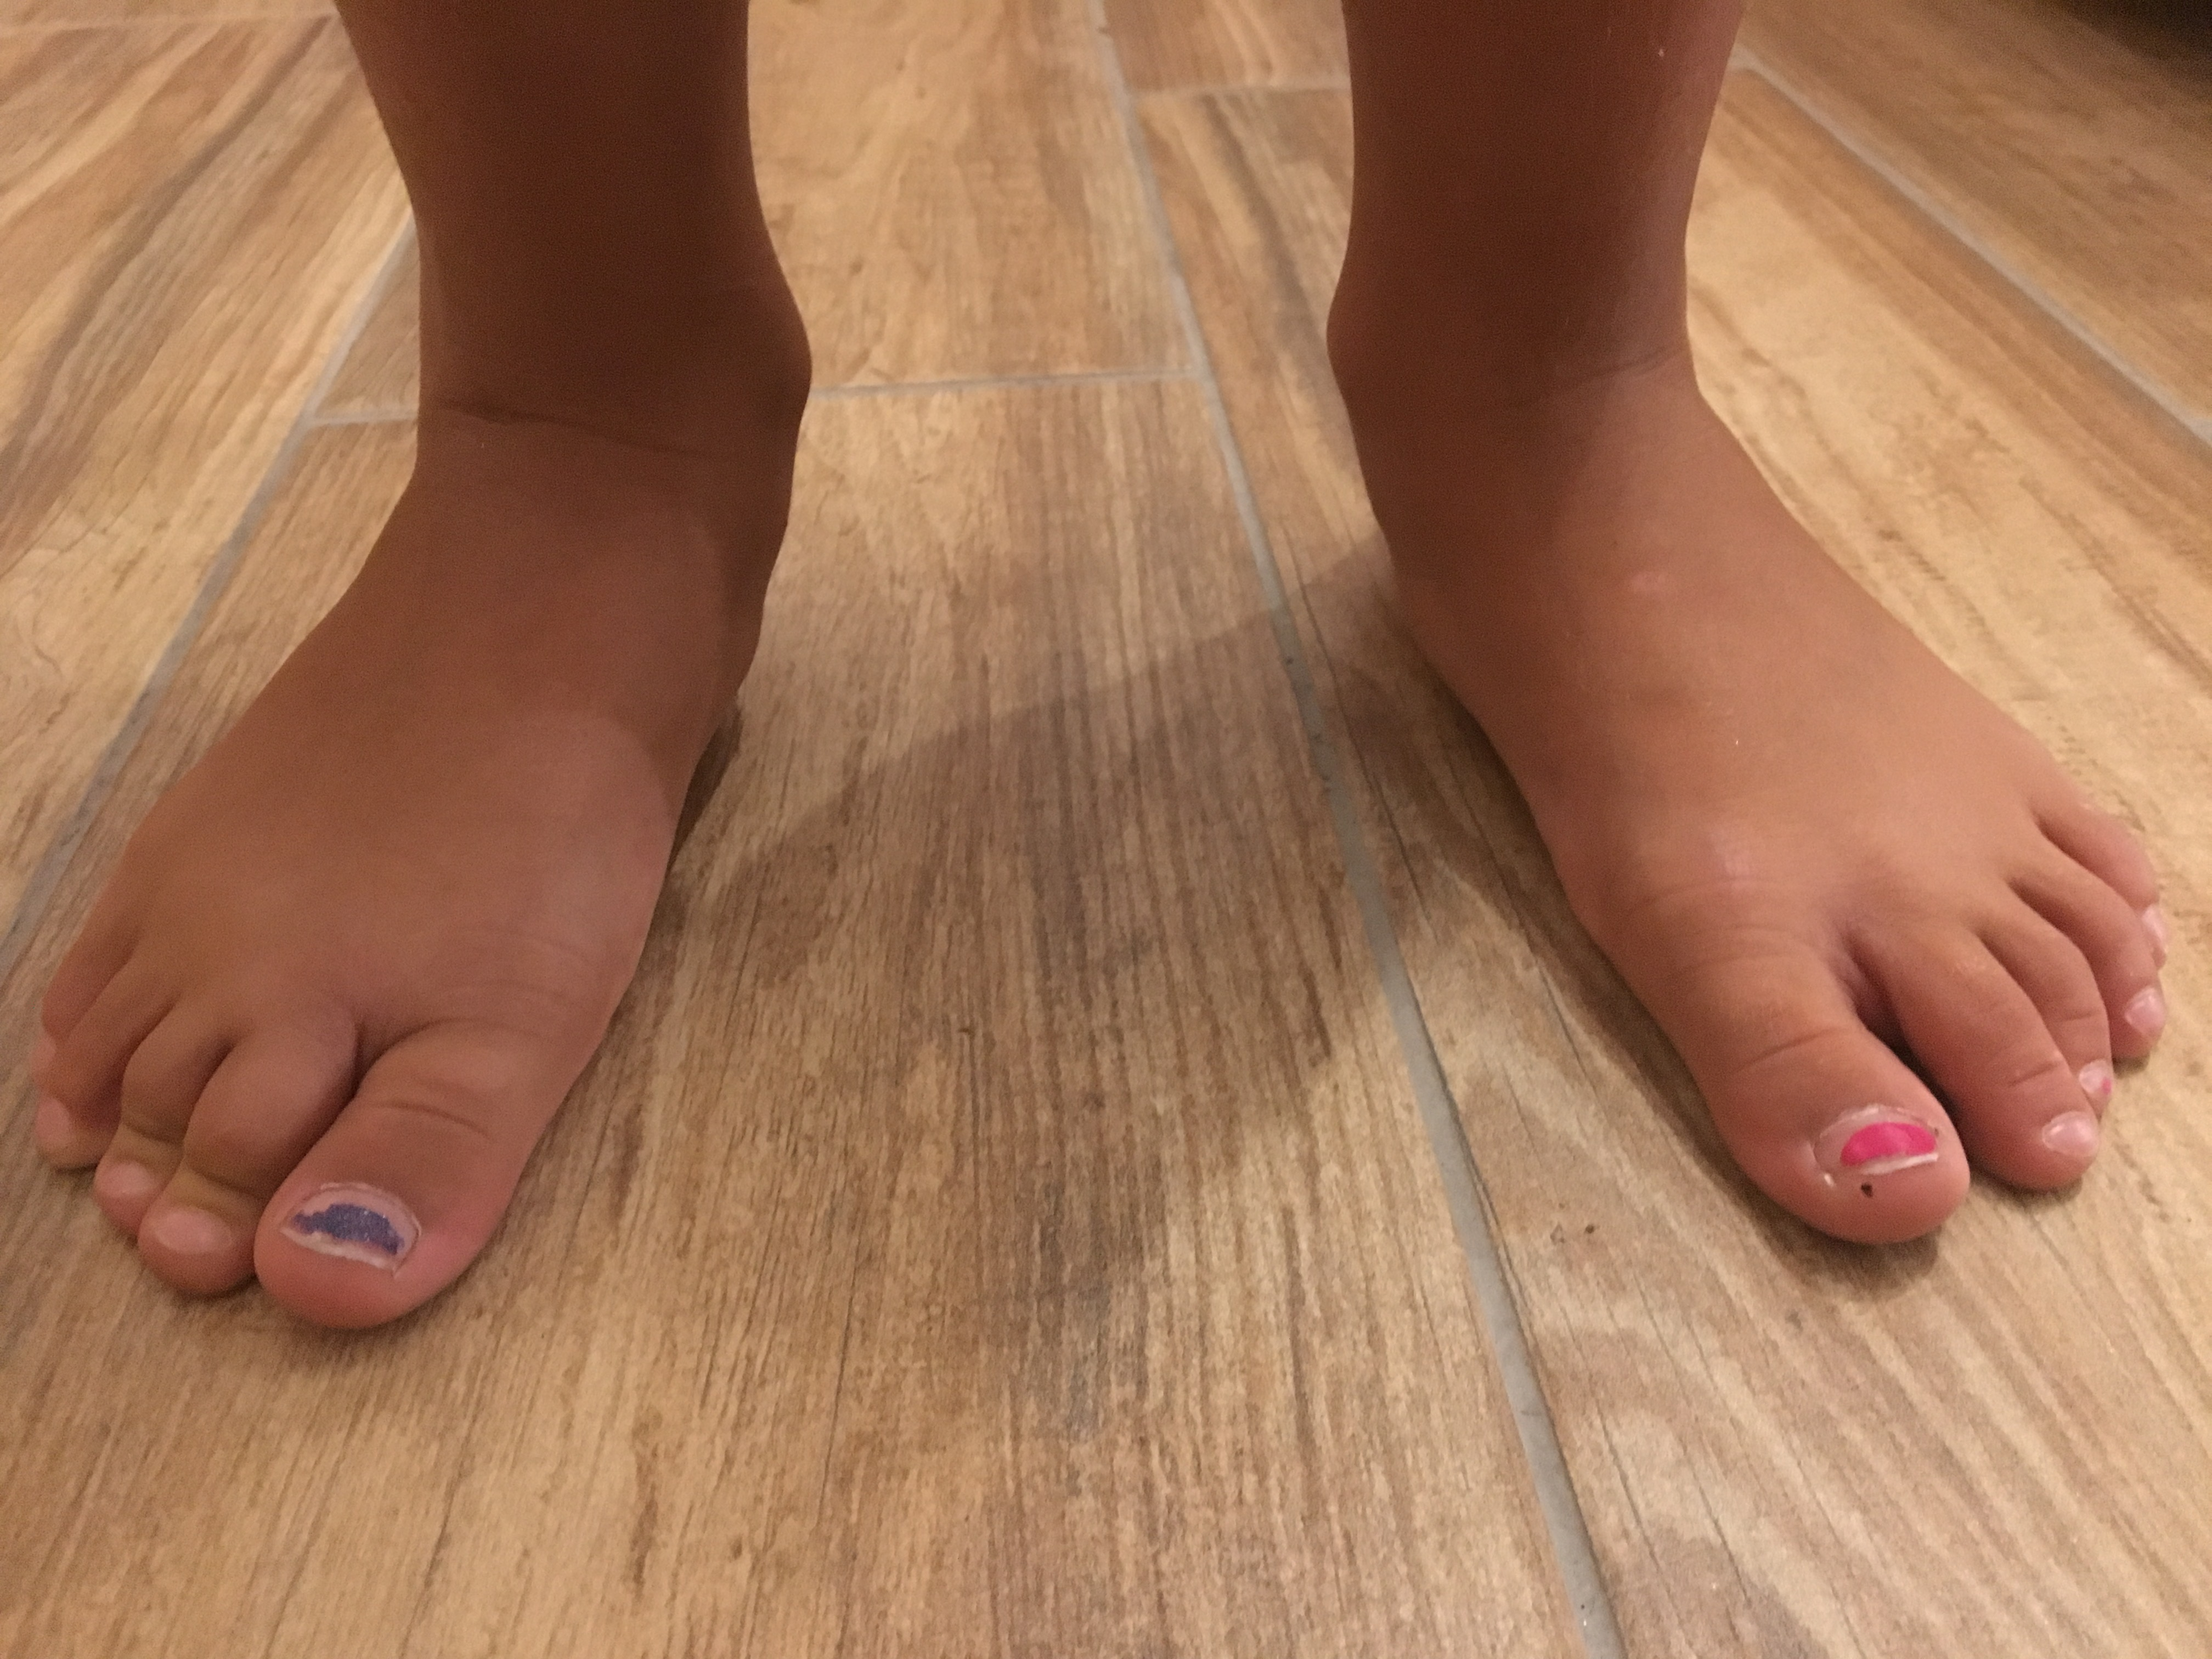 Ecco la verità sui piedi piatti che nessuno ti dirà mai...